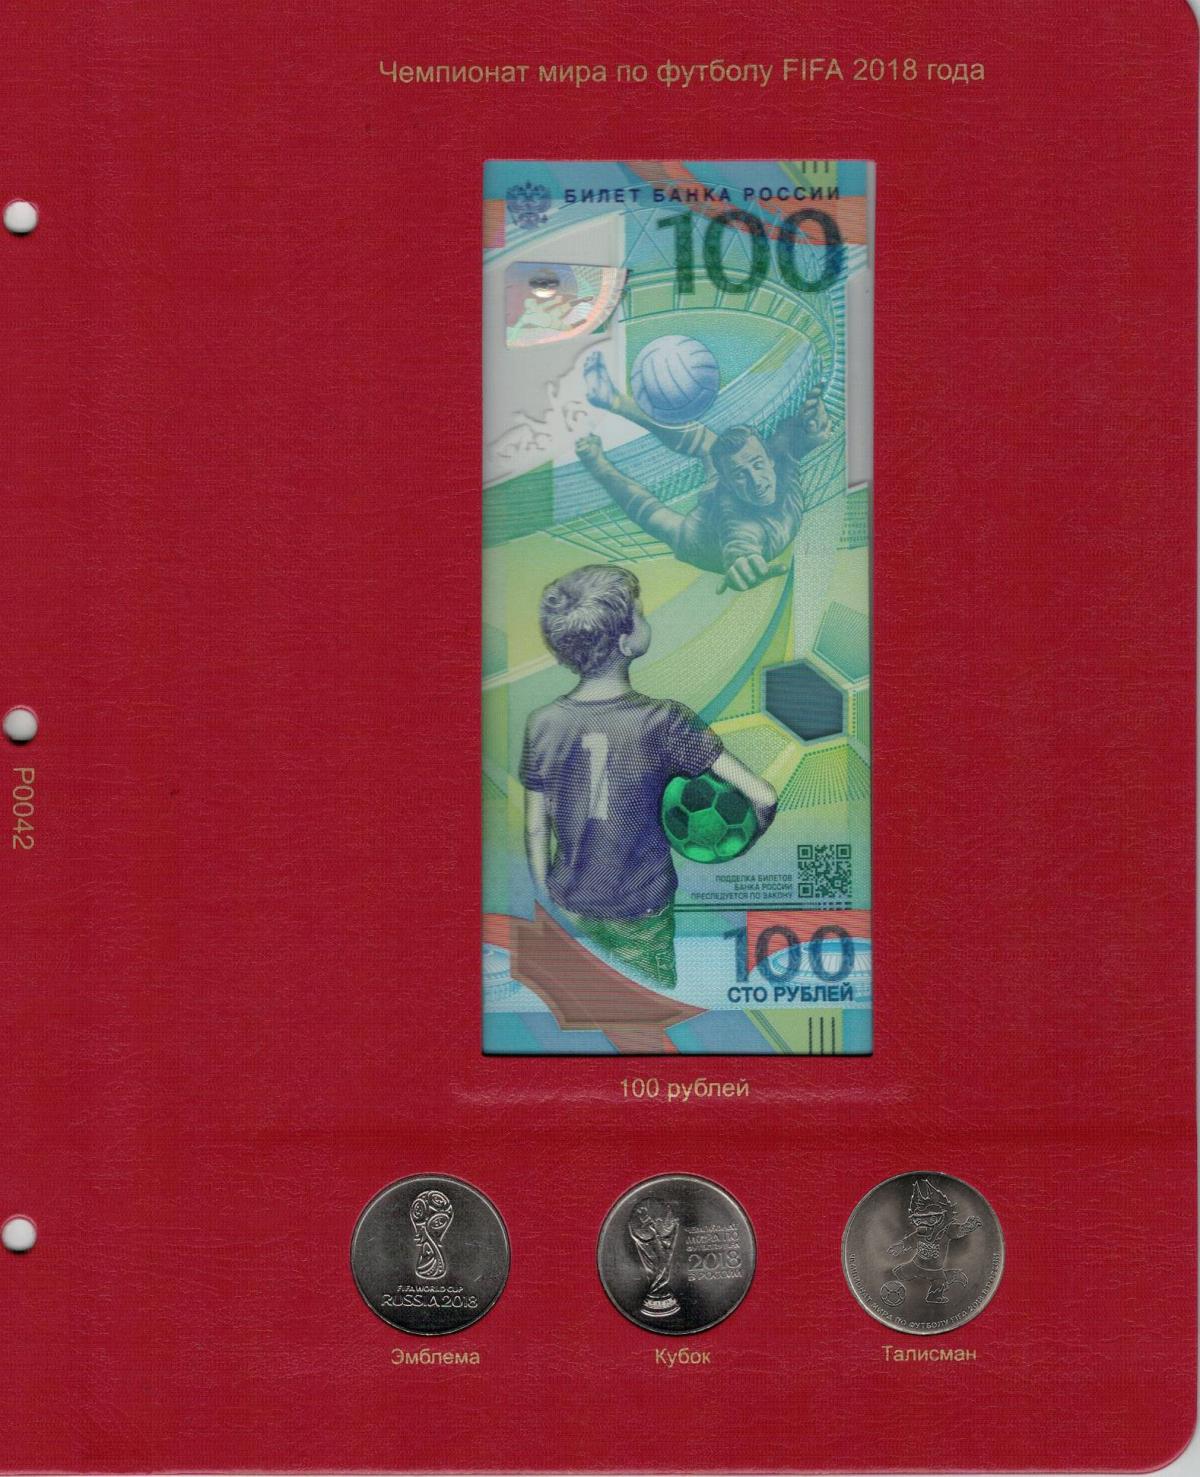 """Лист для памятной банкноты """"ЧМ по футболу FIFA 2018 года"""" и монет. Коллекционеръ."""